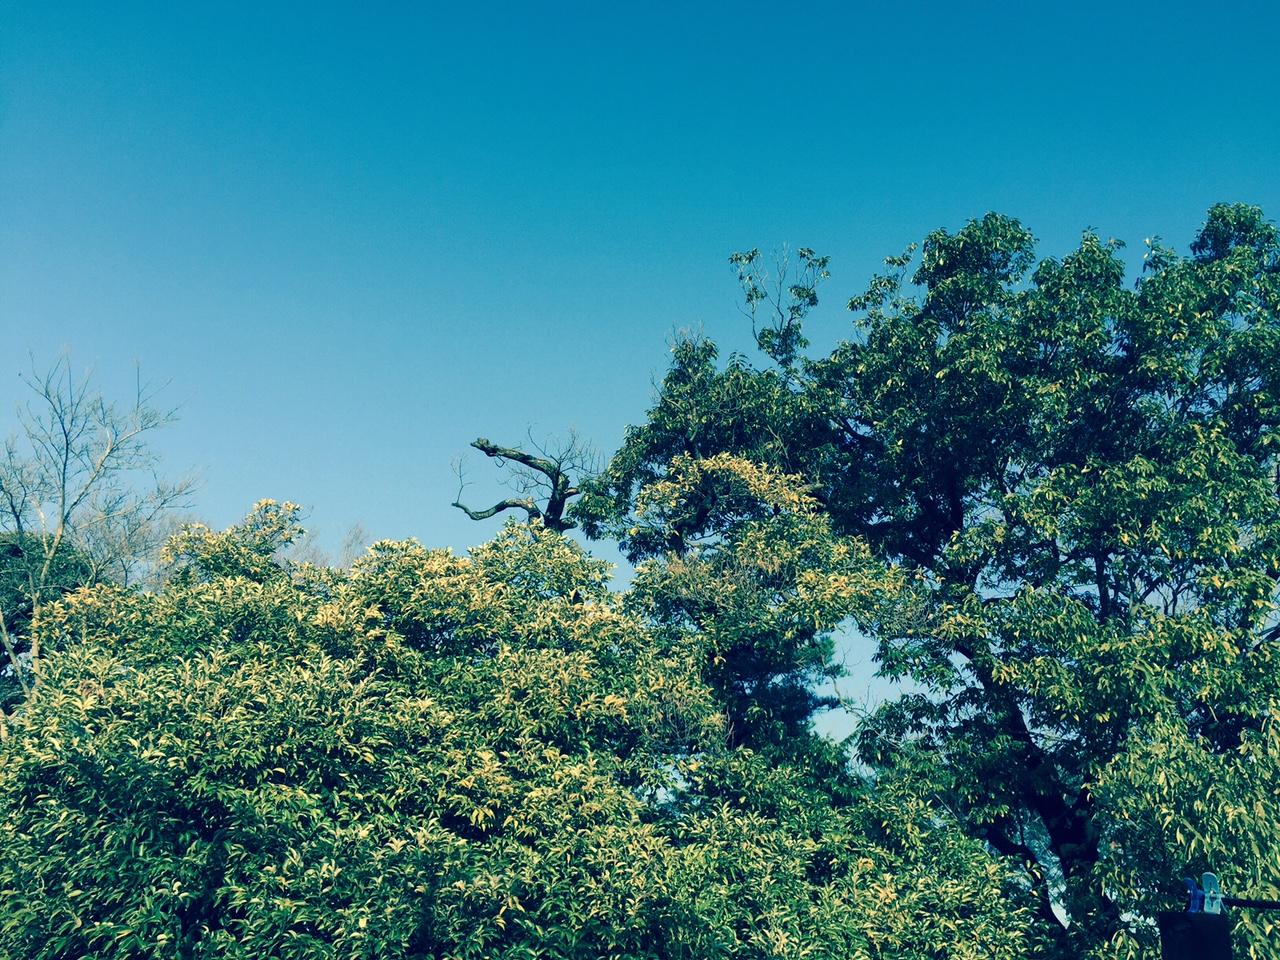 1日一回は空を見上げてみるなどの小さな一歩でもいいとおもうんです... It is ok to be a very small step, such as looking up at the sky once everyday! That might change your mood and energy level...